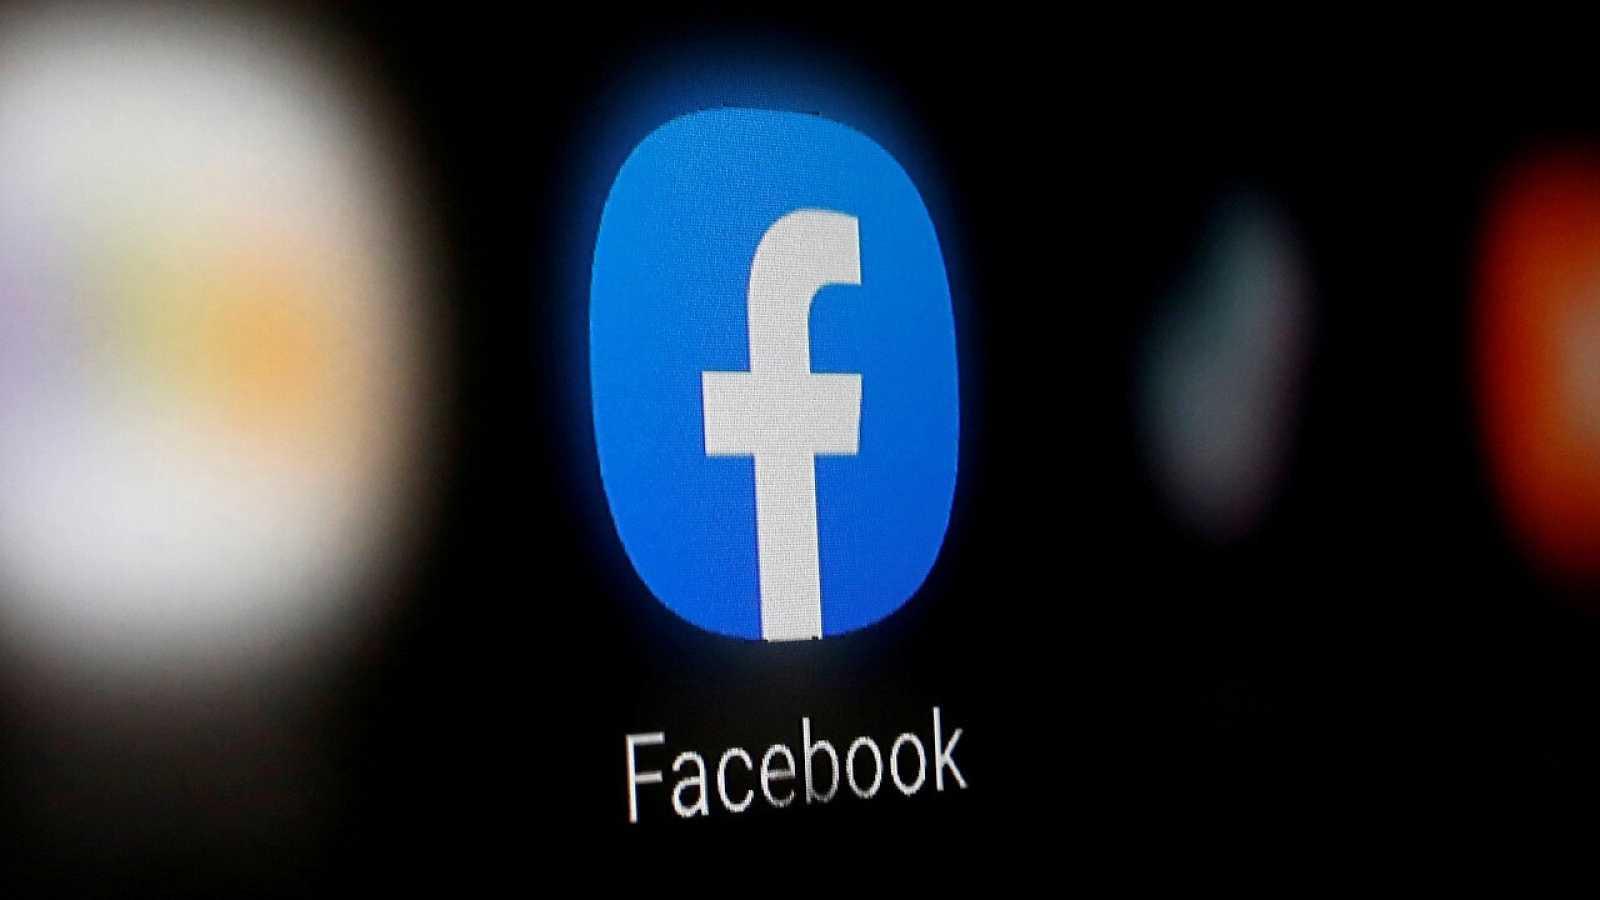 La plataforma trata de purgar la desinformación y el contenido engañoso, algo que ya han hecho otras redes sociales